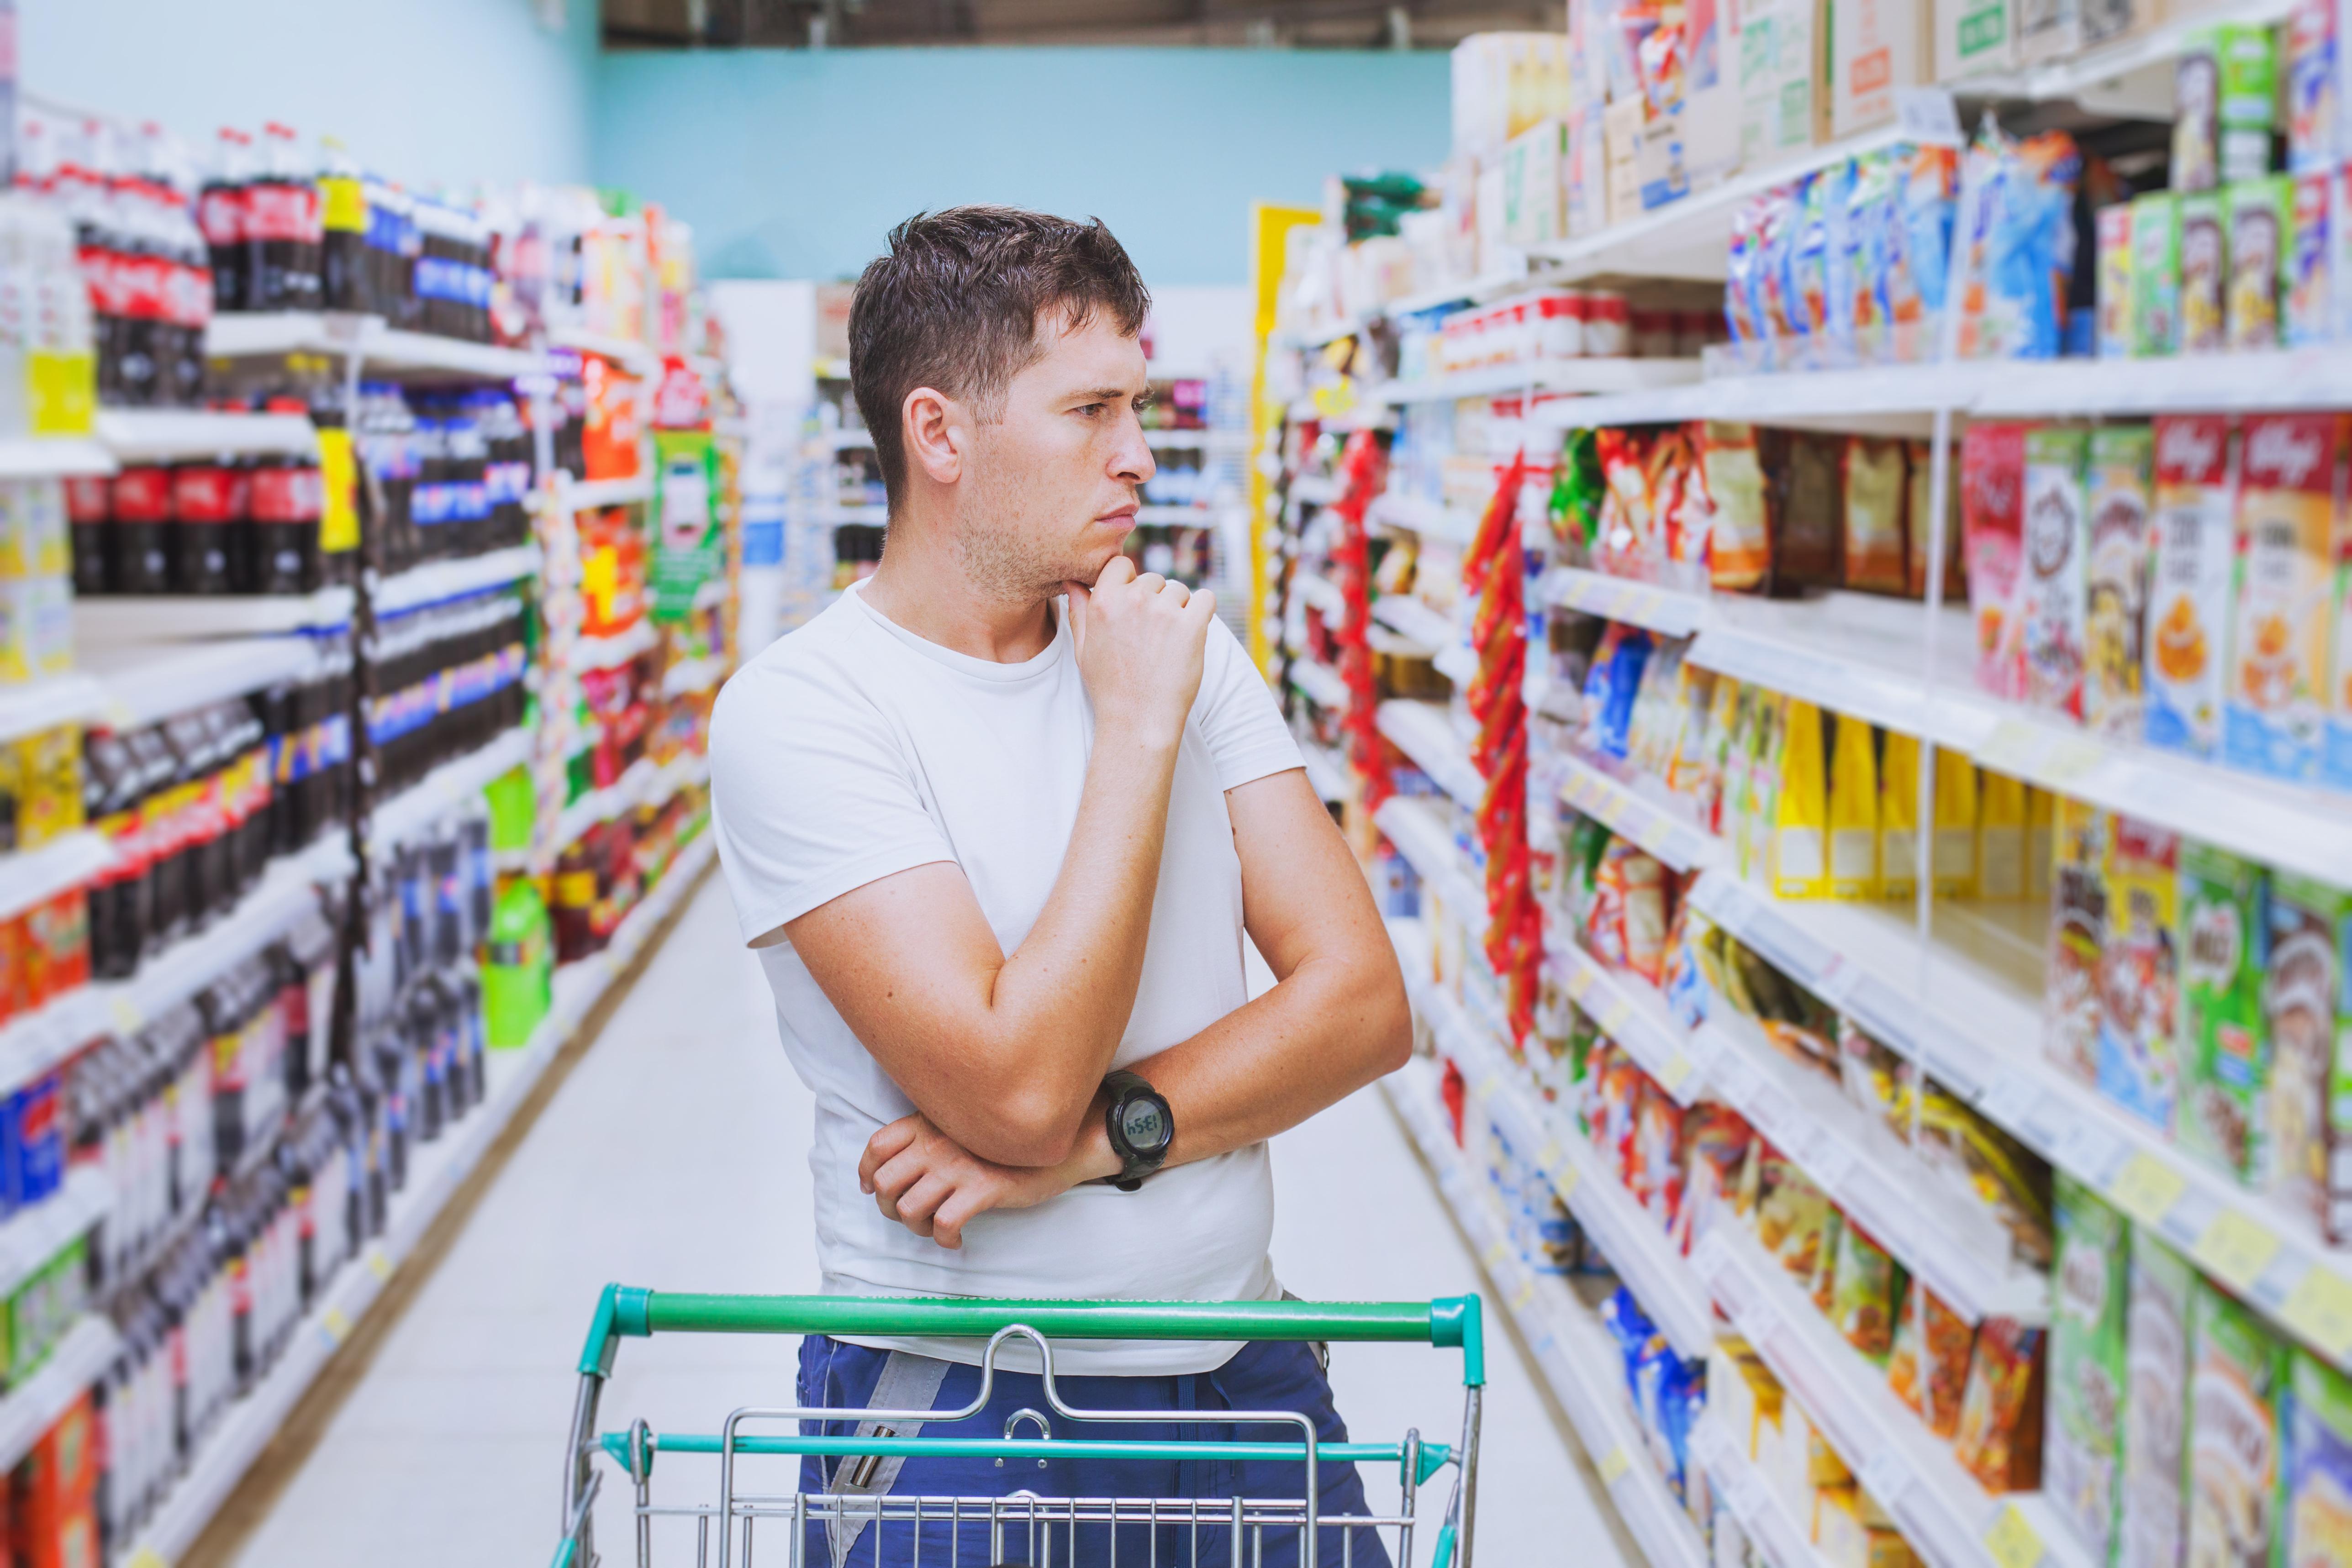 Seu comércio usa a estratégia de preço corretamente?